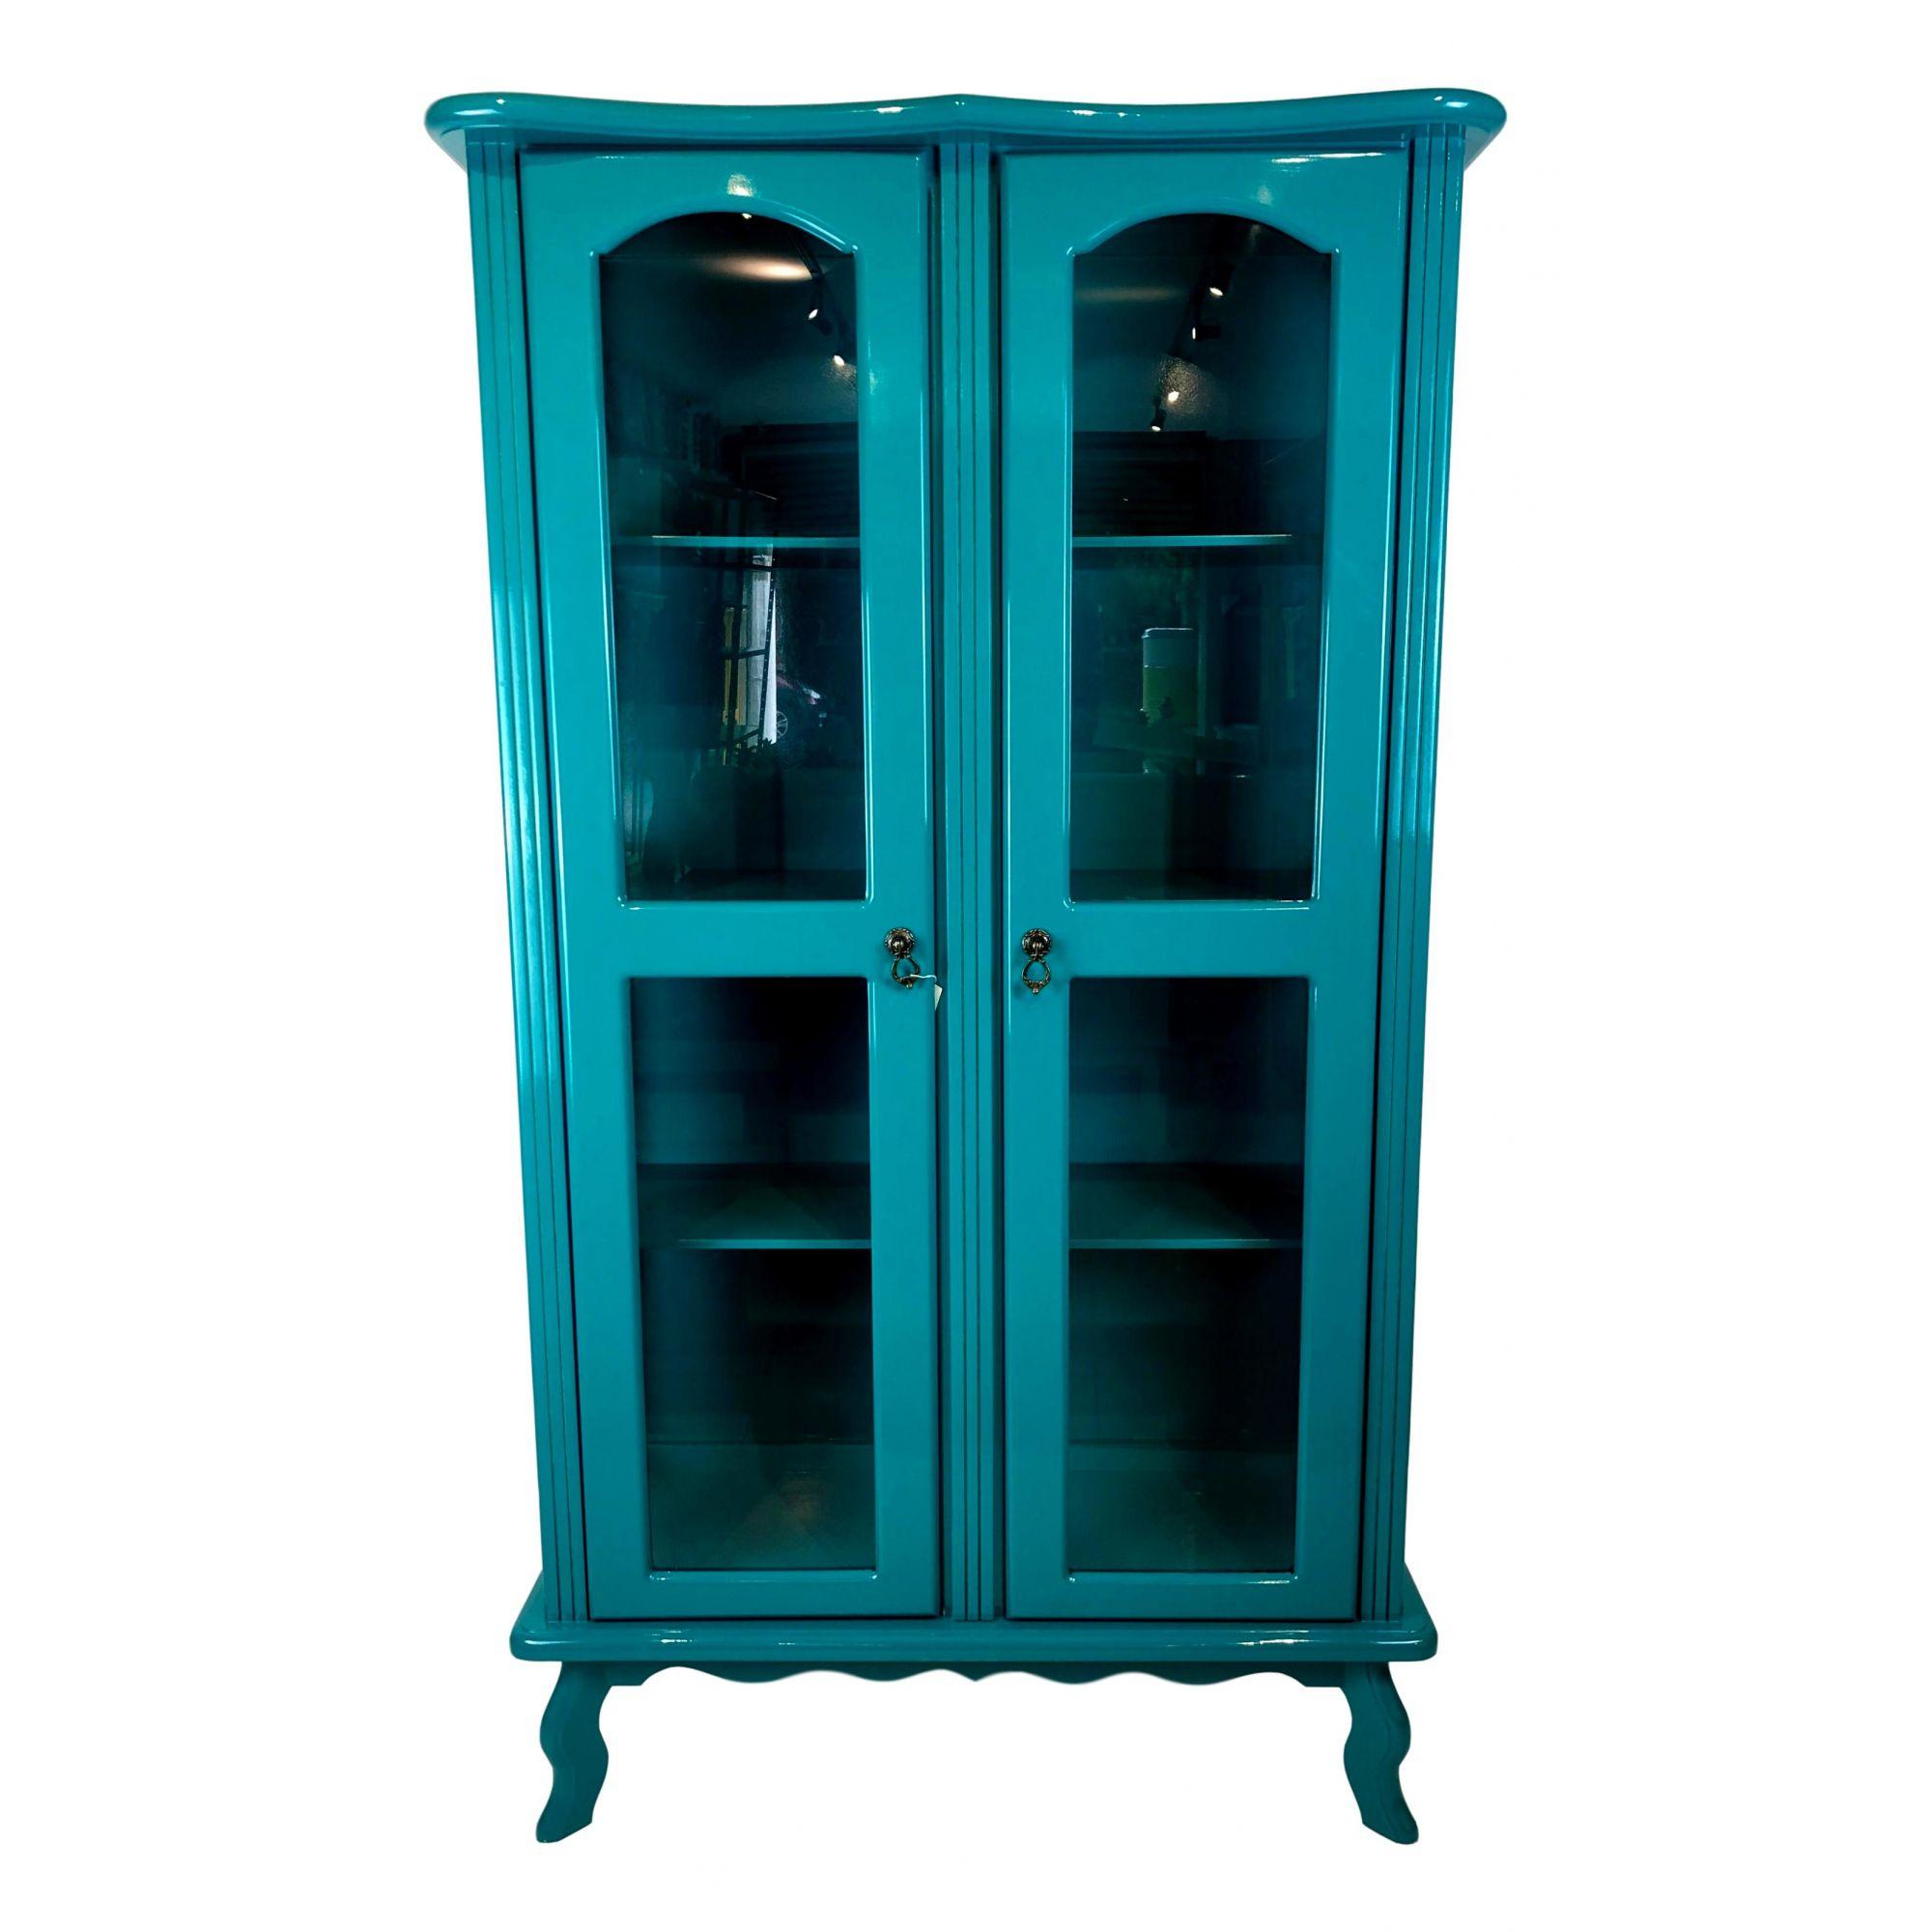 Cristaleira Colonial Verde Esmeralda 2 portas